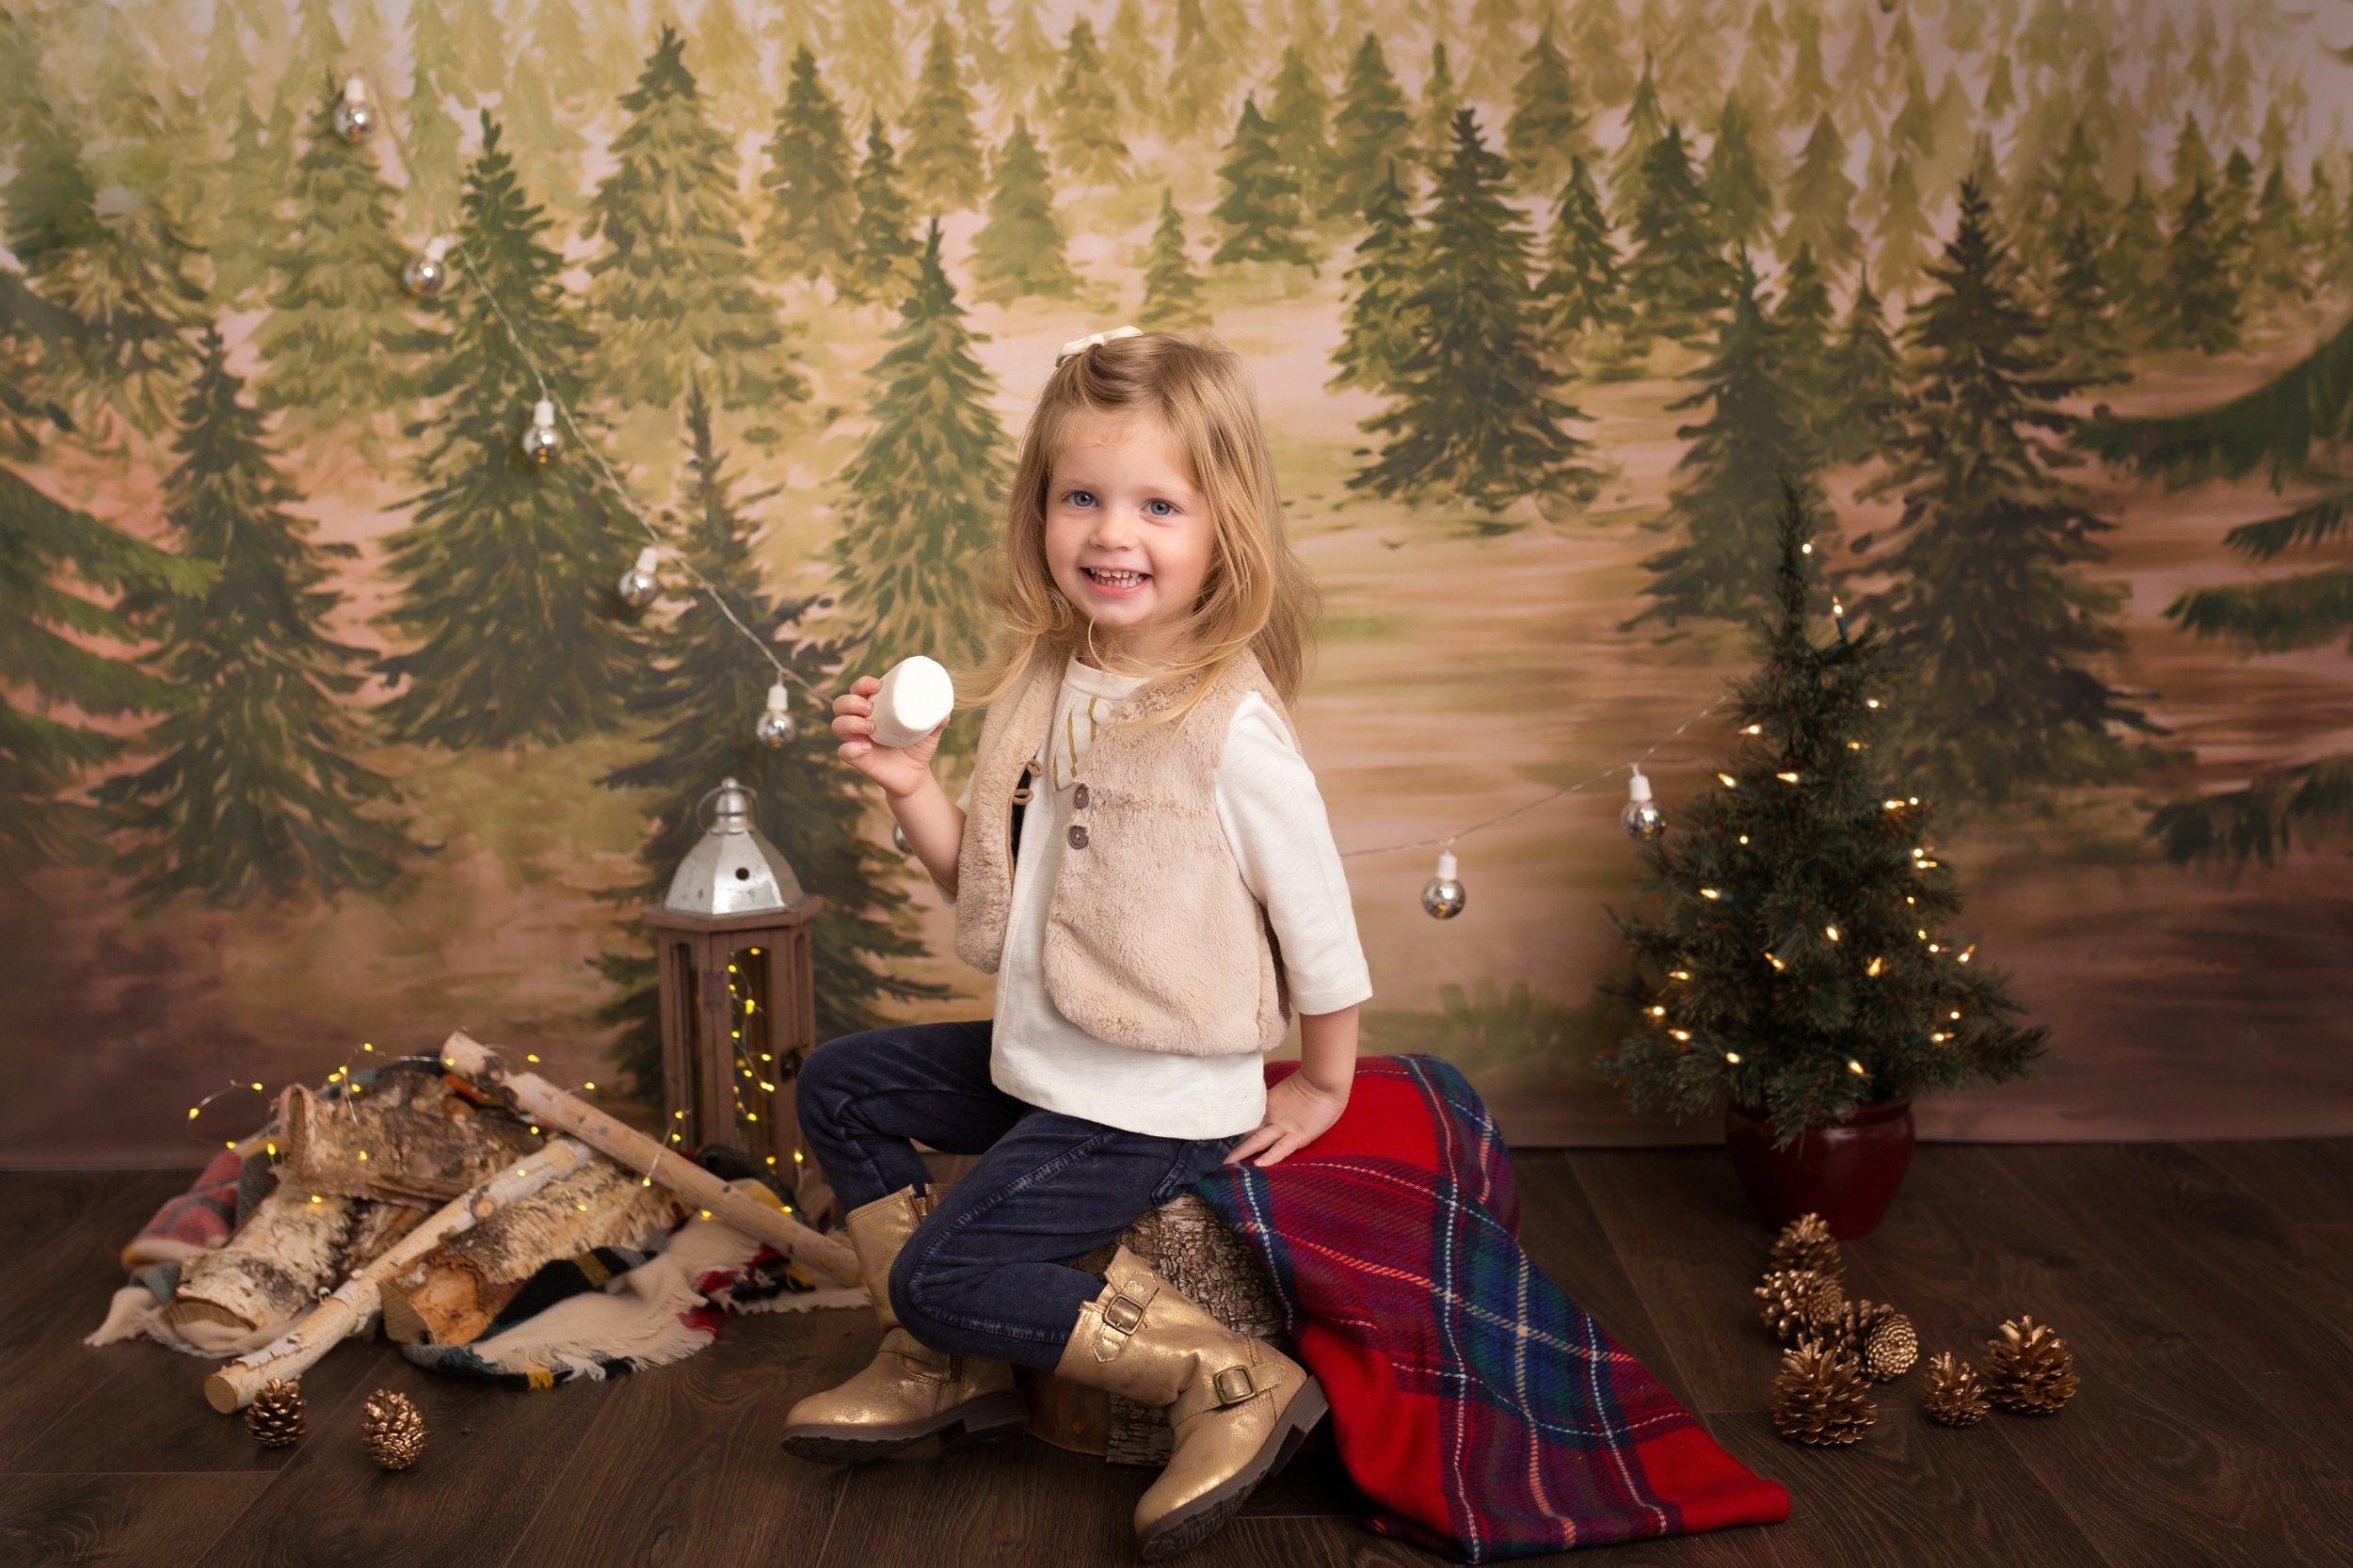 holidayminisessionsmaryland_0002.jpg